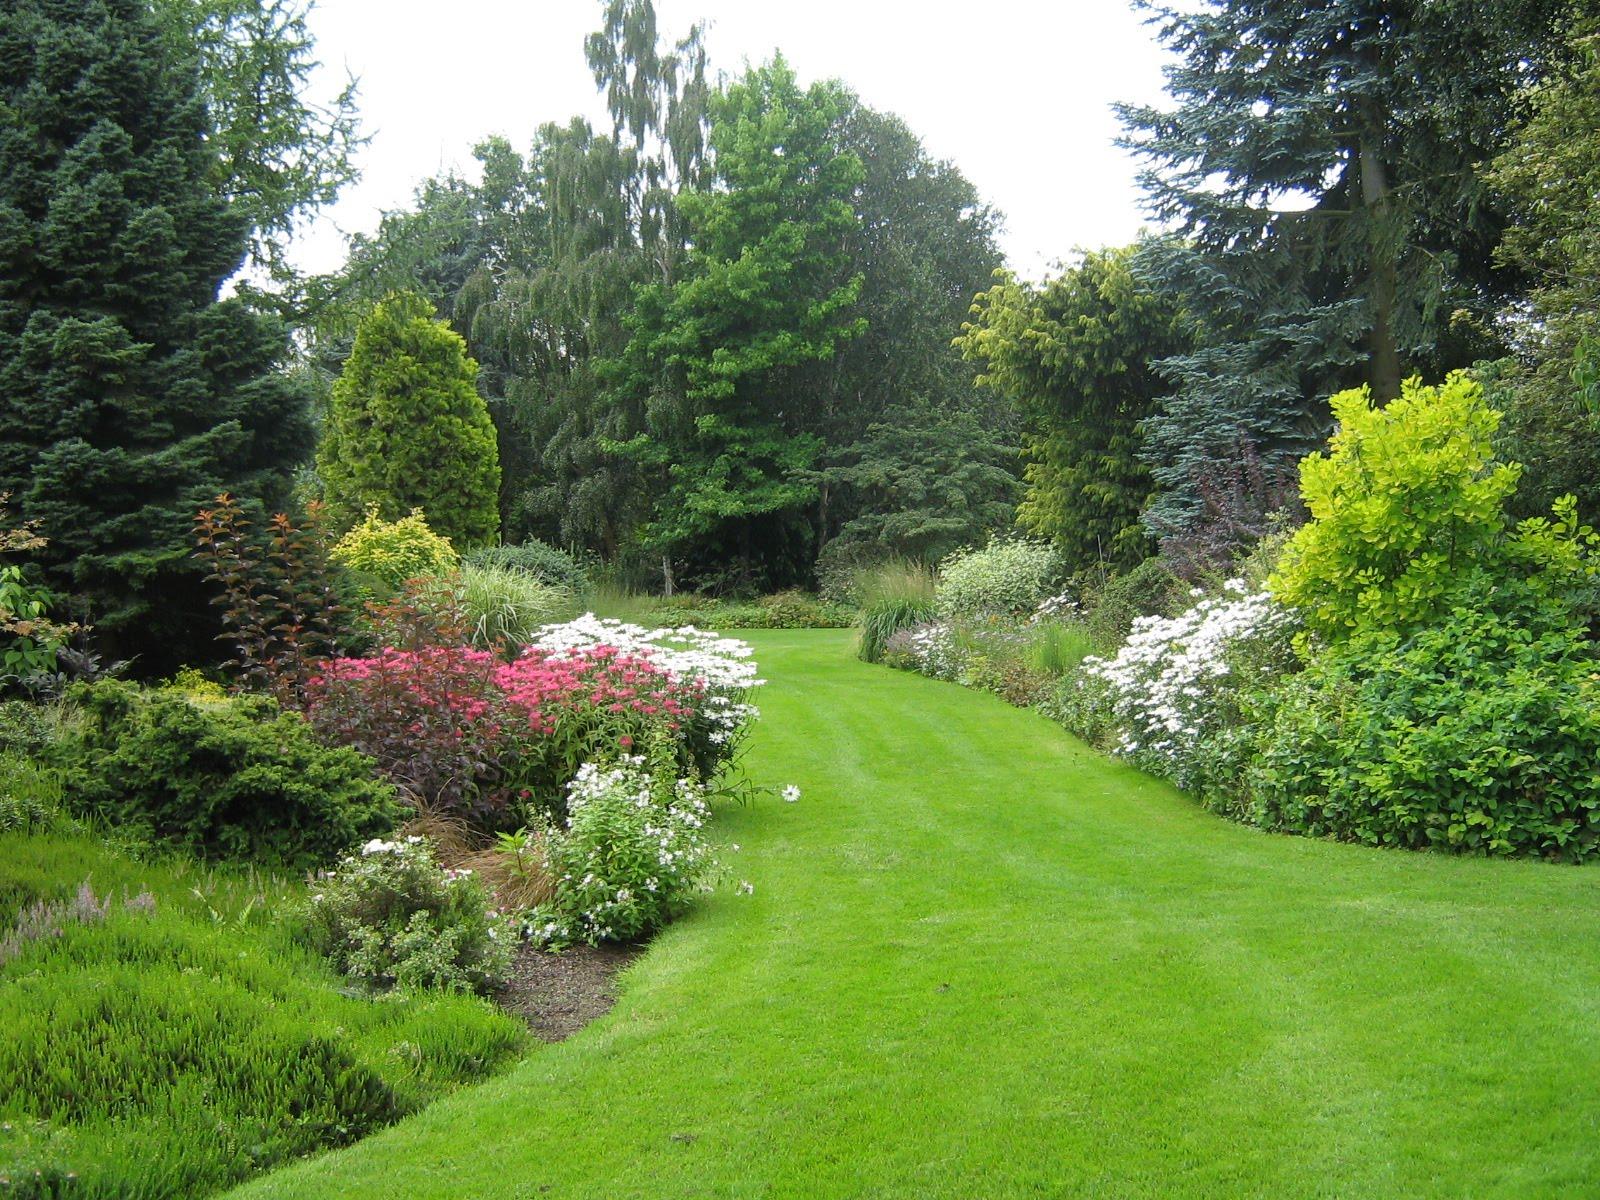 Arte y jardiner a plantas perennes en el dise o de jardines for Arbustos perennes para jardin